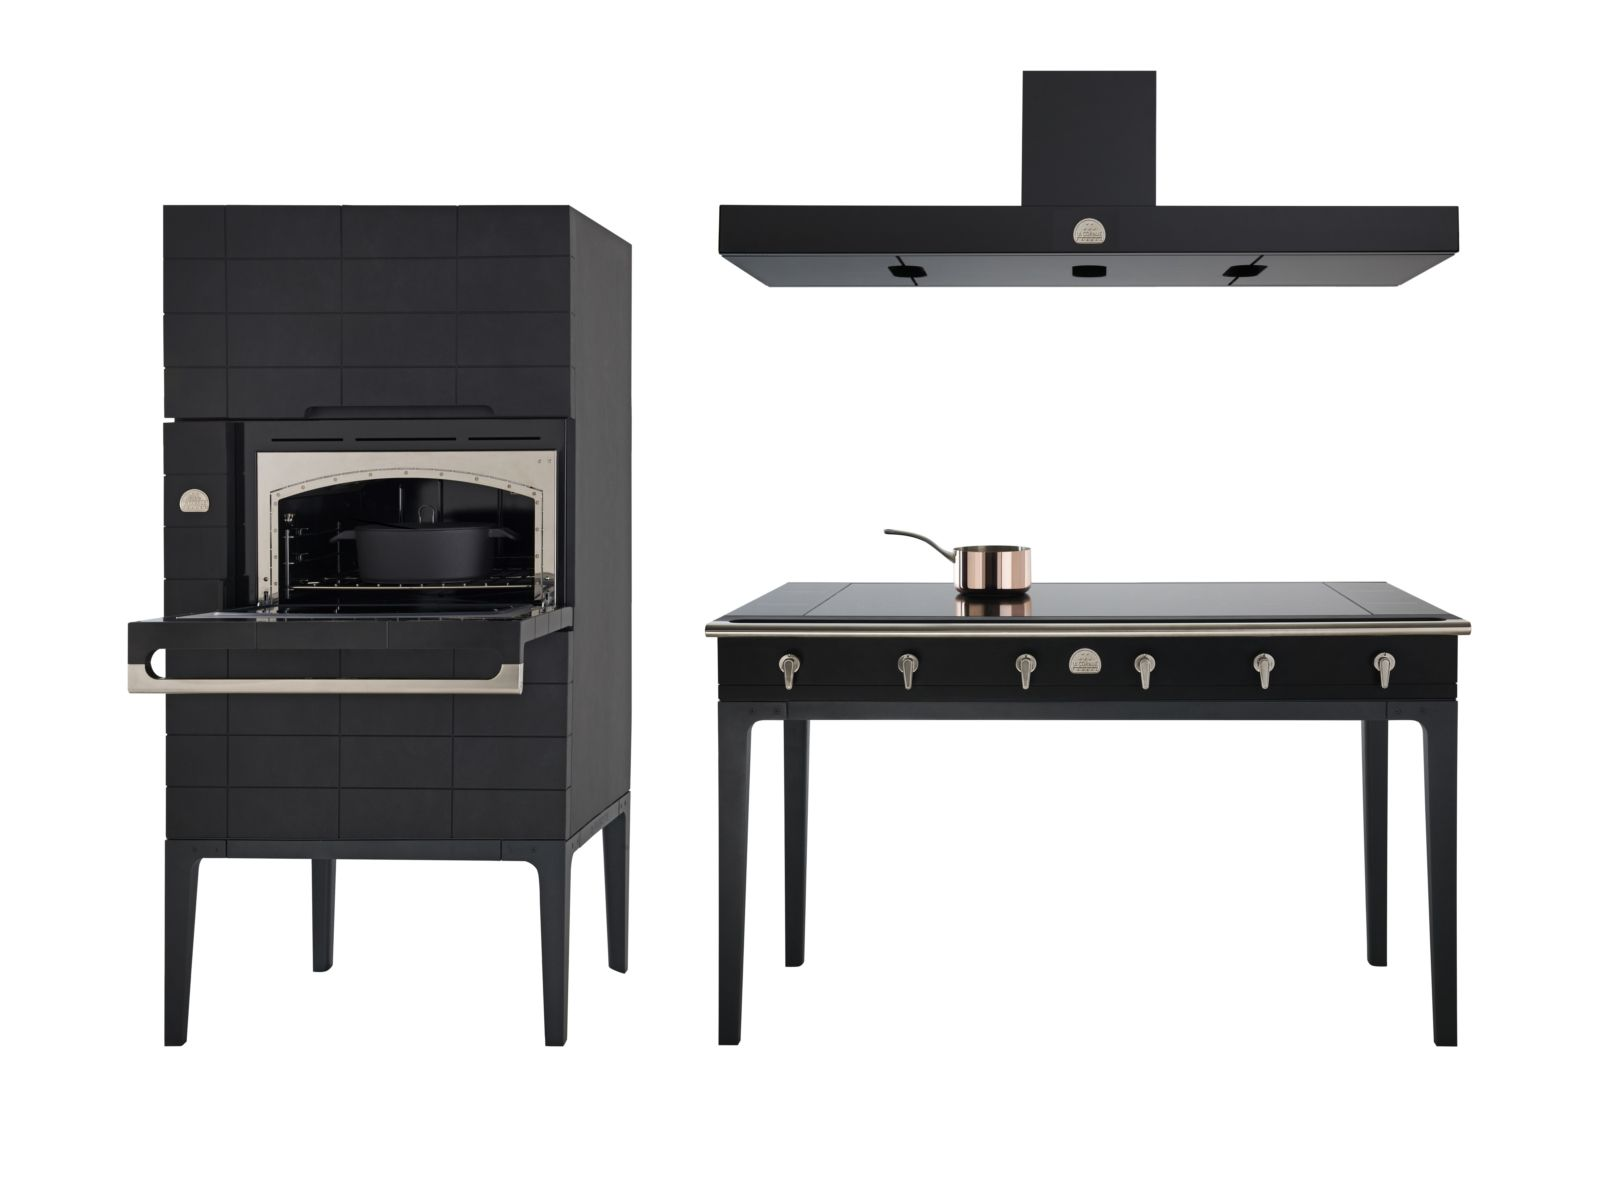 Ziemlich Granit Küchenwagen Fotos - Küchen Ideen Modern ...